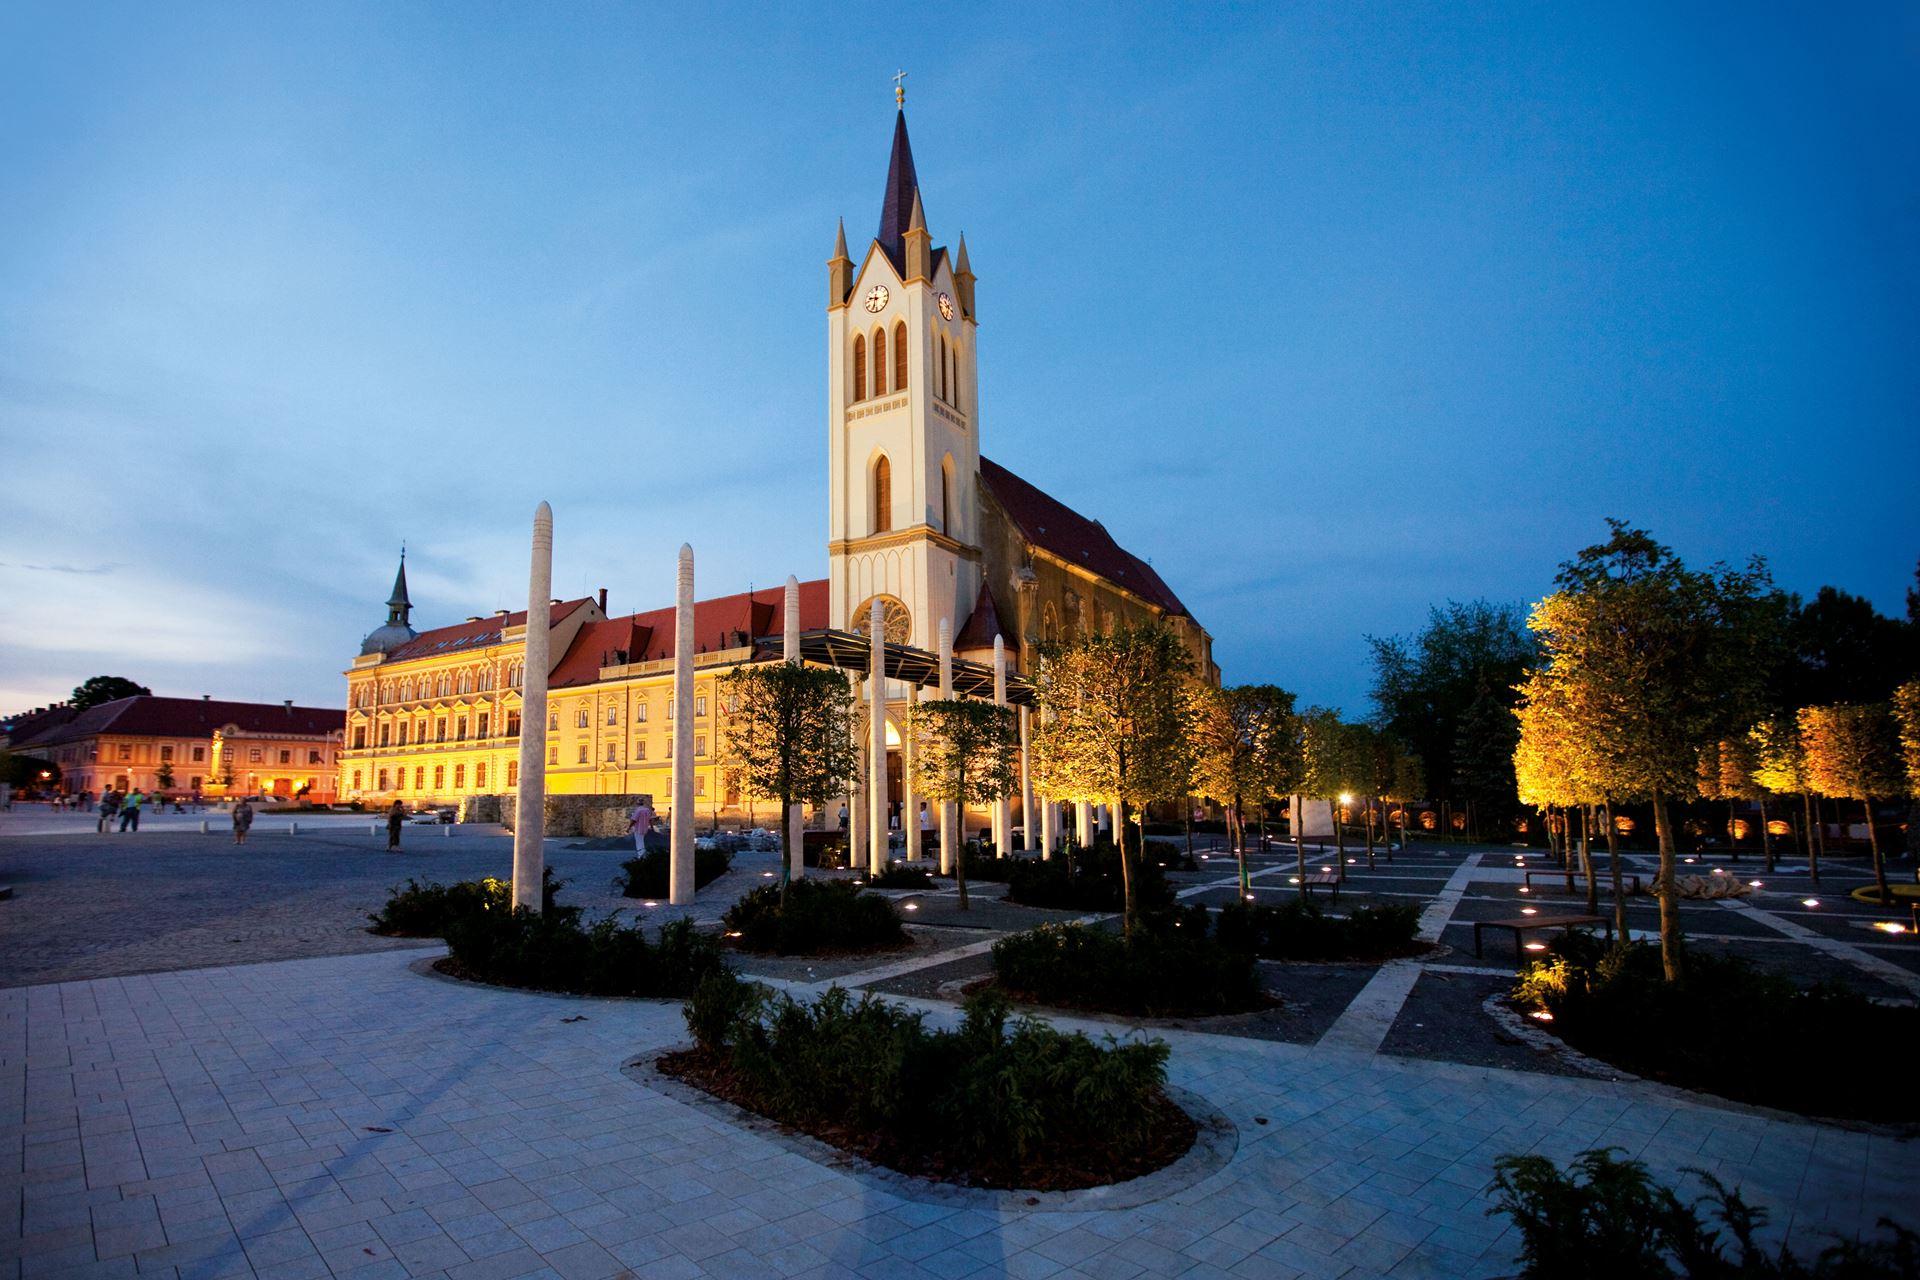 fő tér és templom este